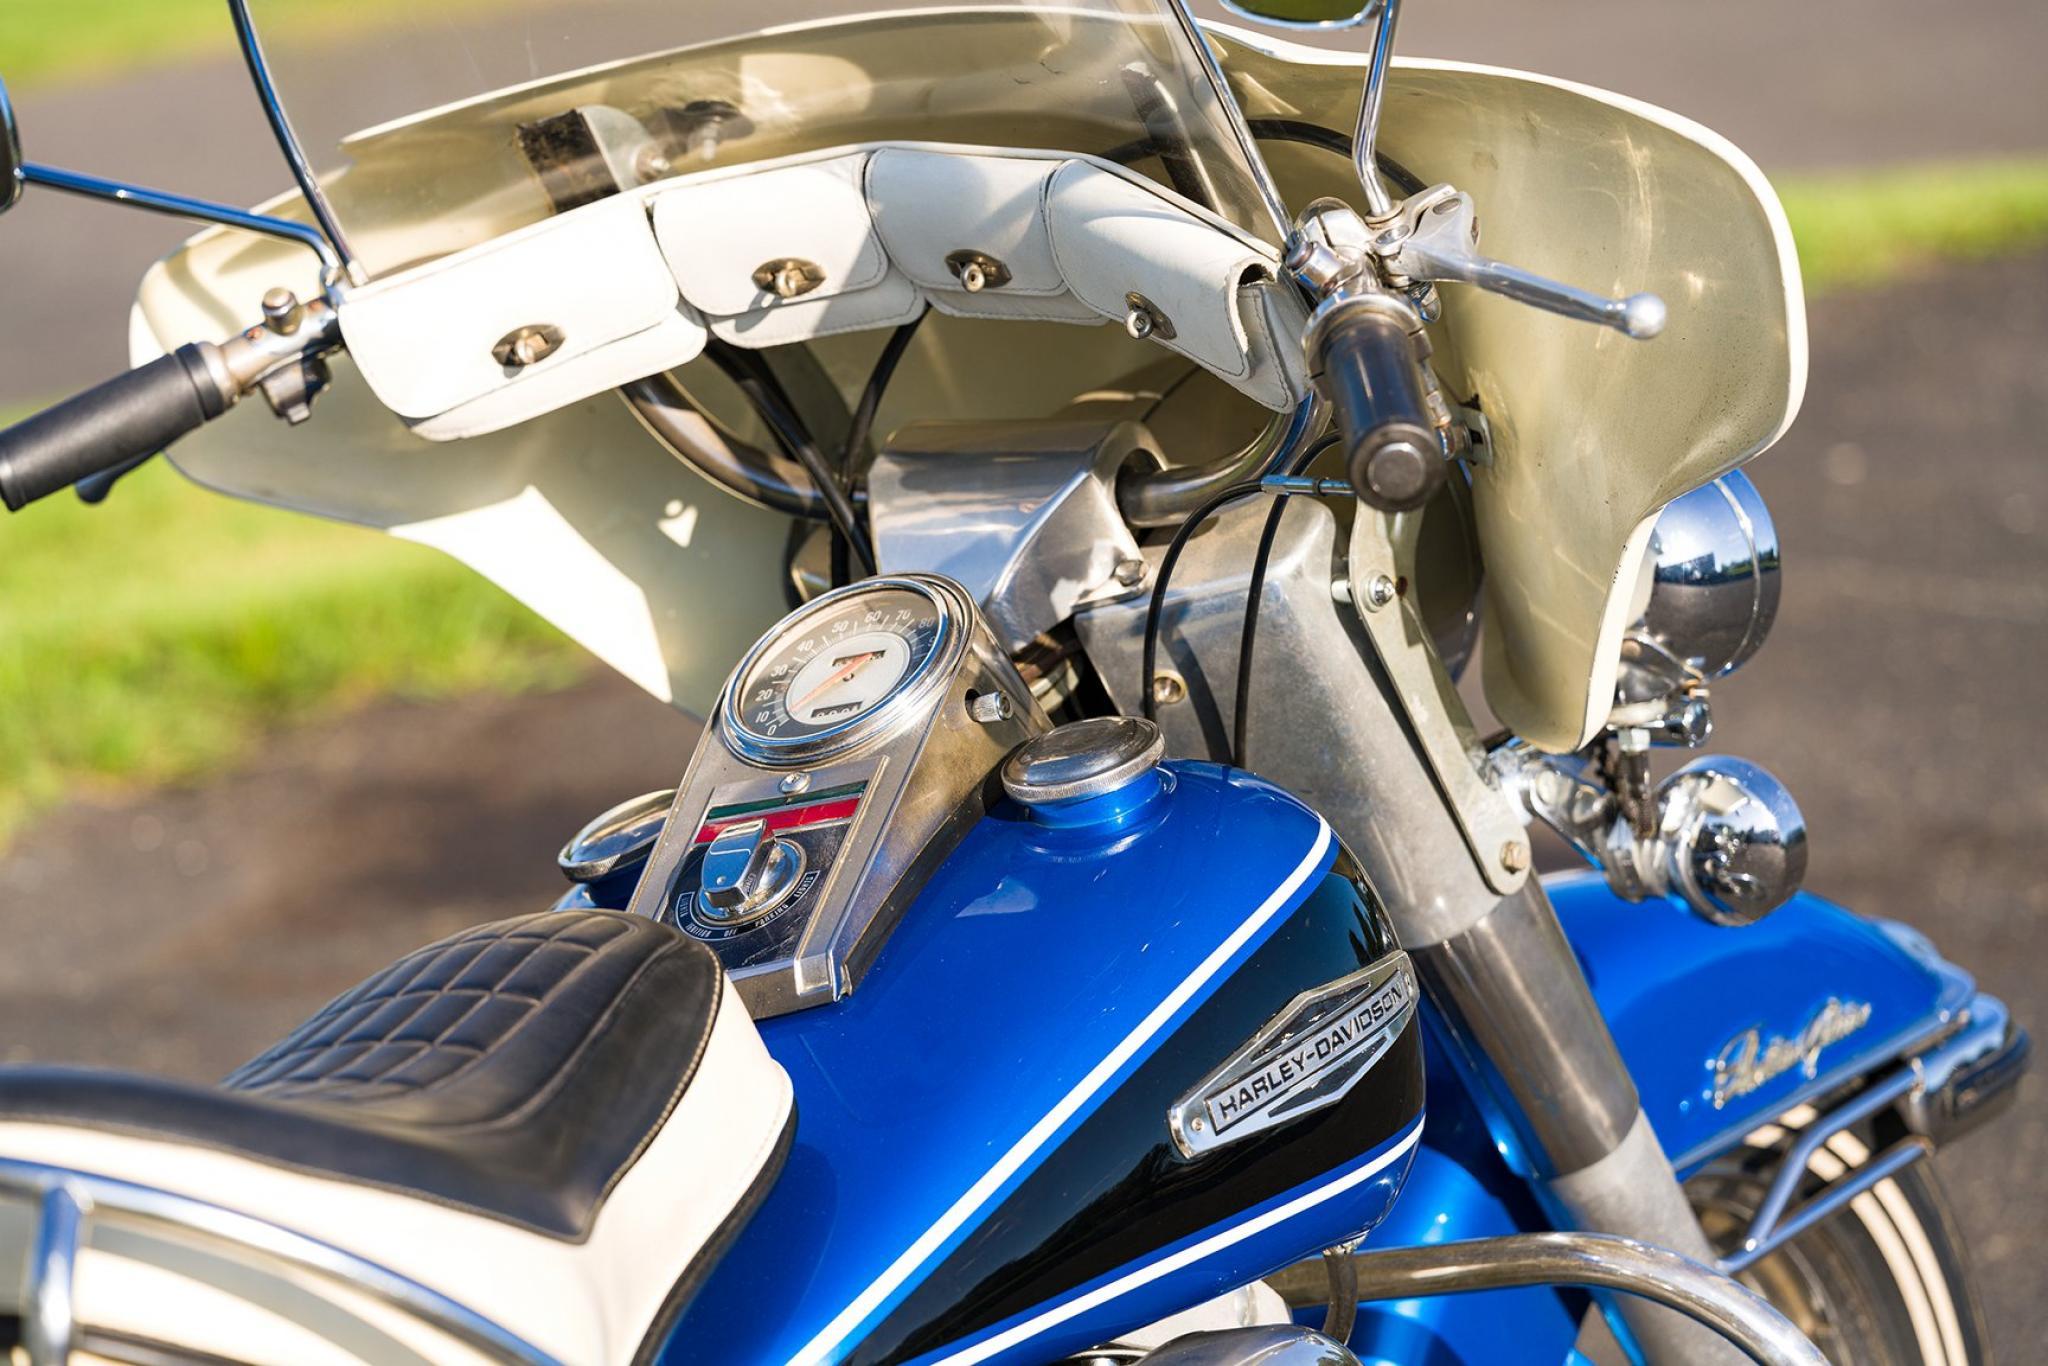 ハーレーダビッドソン 1968 FLH 1200 車体写真8